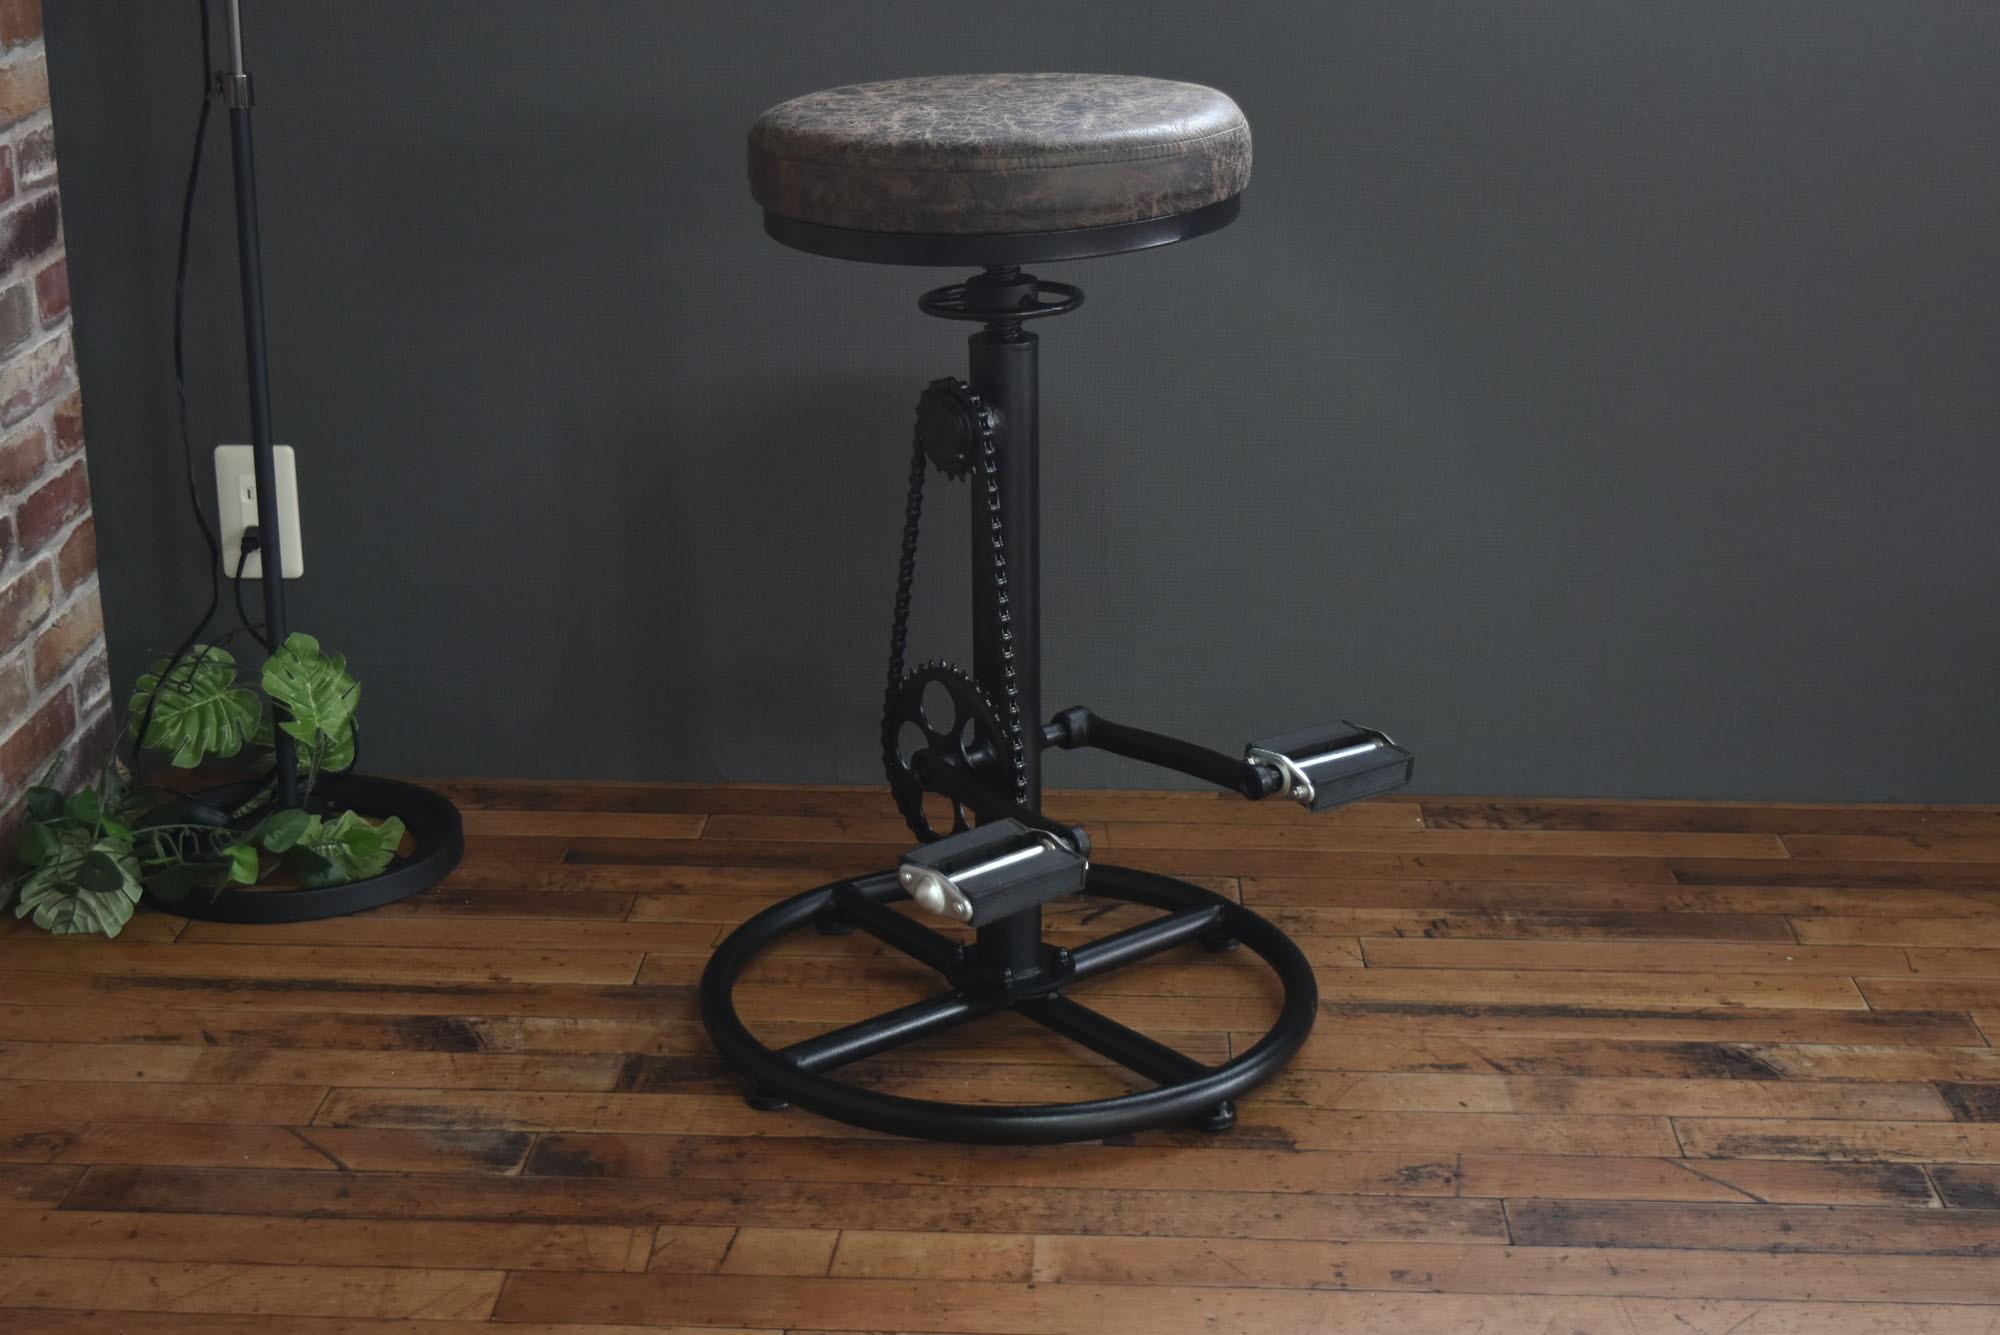 《インダストリアル家具通販》チェーンと足置きペダルが自転車の様な存在感抜群のスモーキー バーチェア